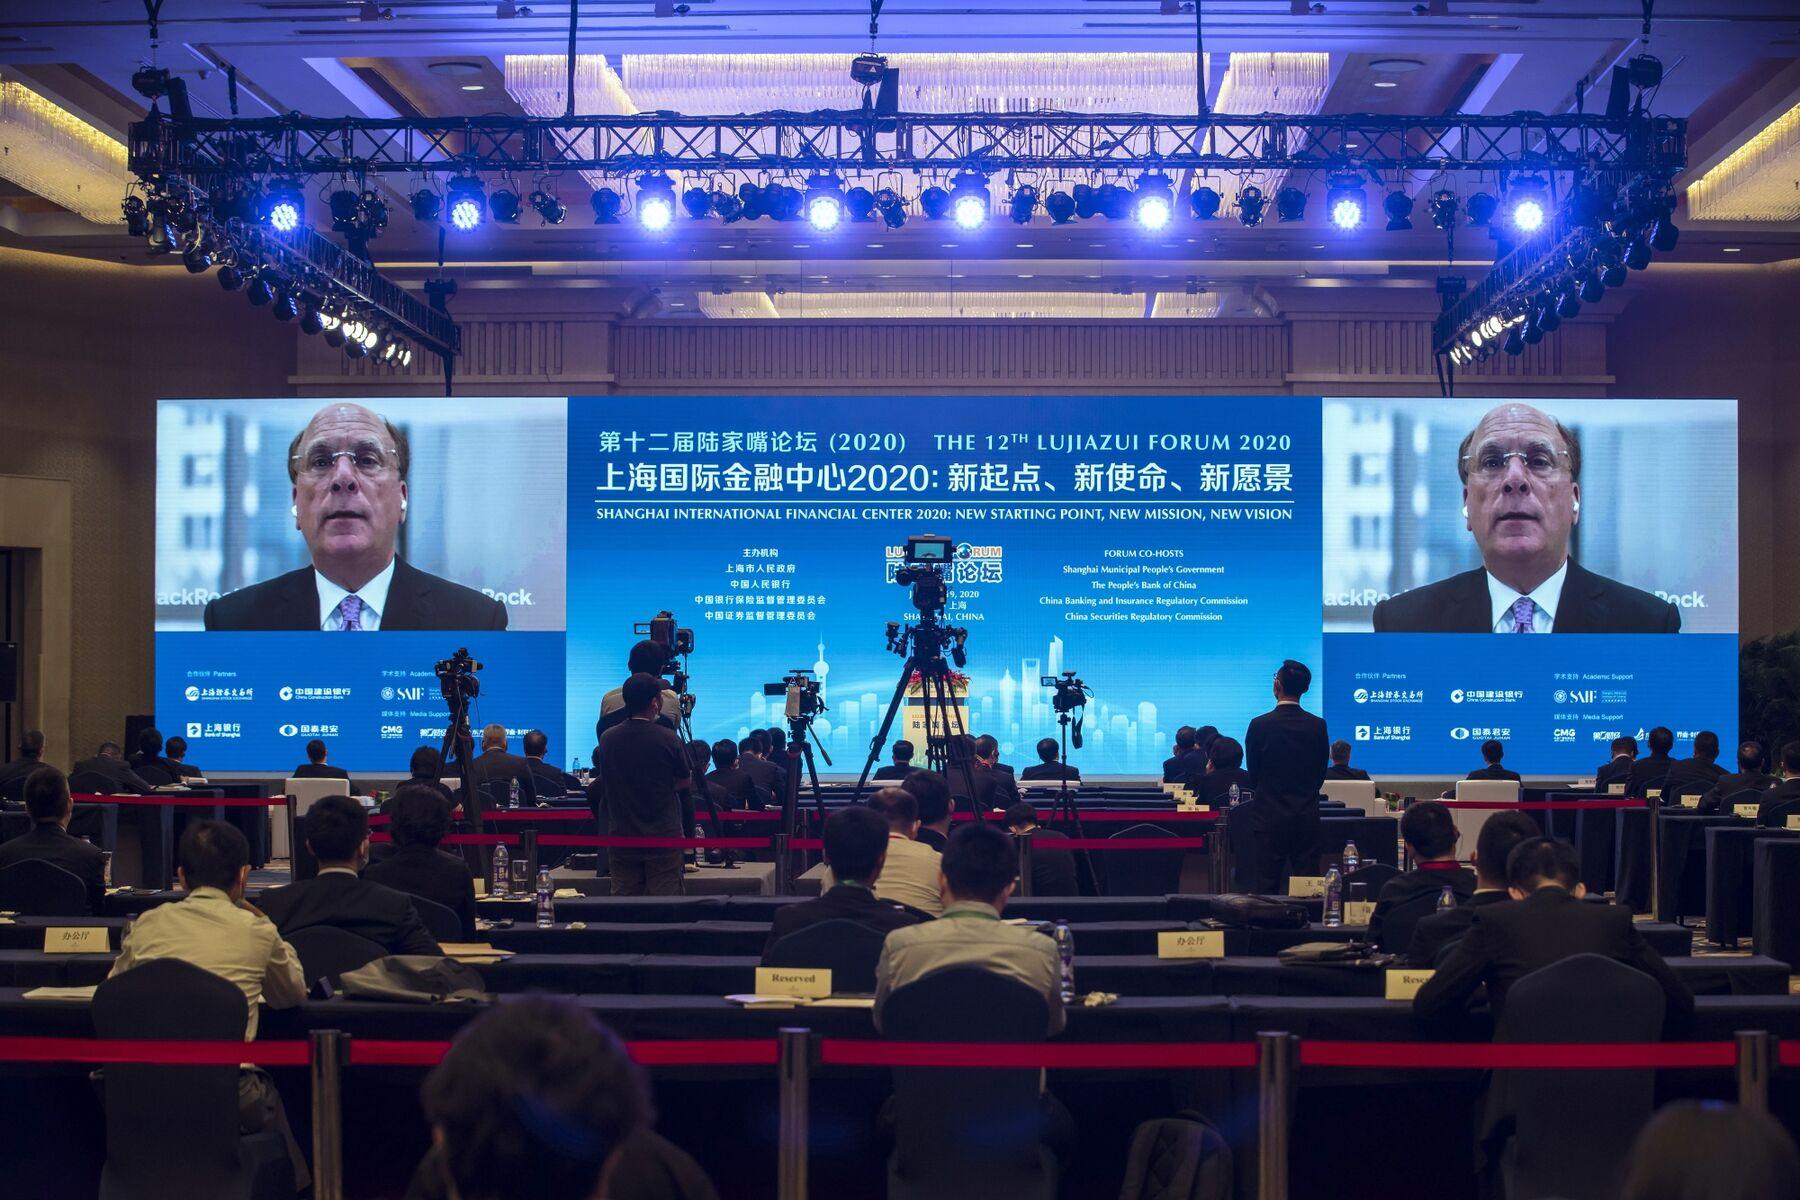 Larry Fink speaks via video link at the Lujiazui Forum in Shanghai on June 18.